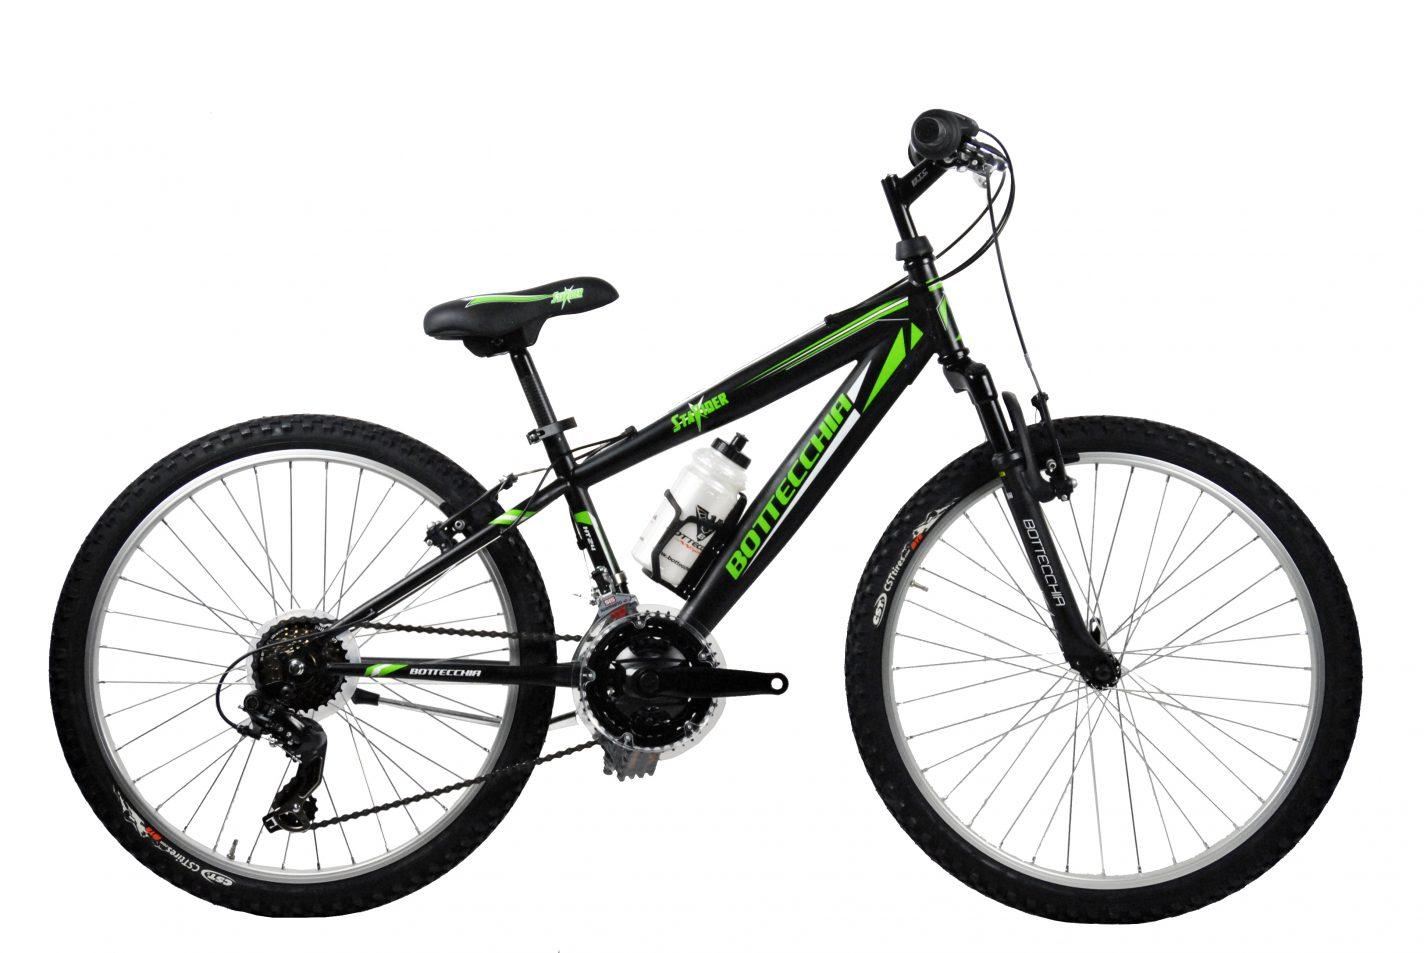 88724c4539b Bottecchia 24 MTB sort / grøn 18 Gear - Børn- og juniorcykler ...